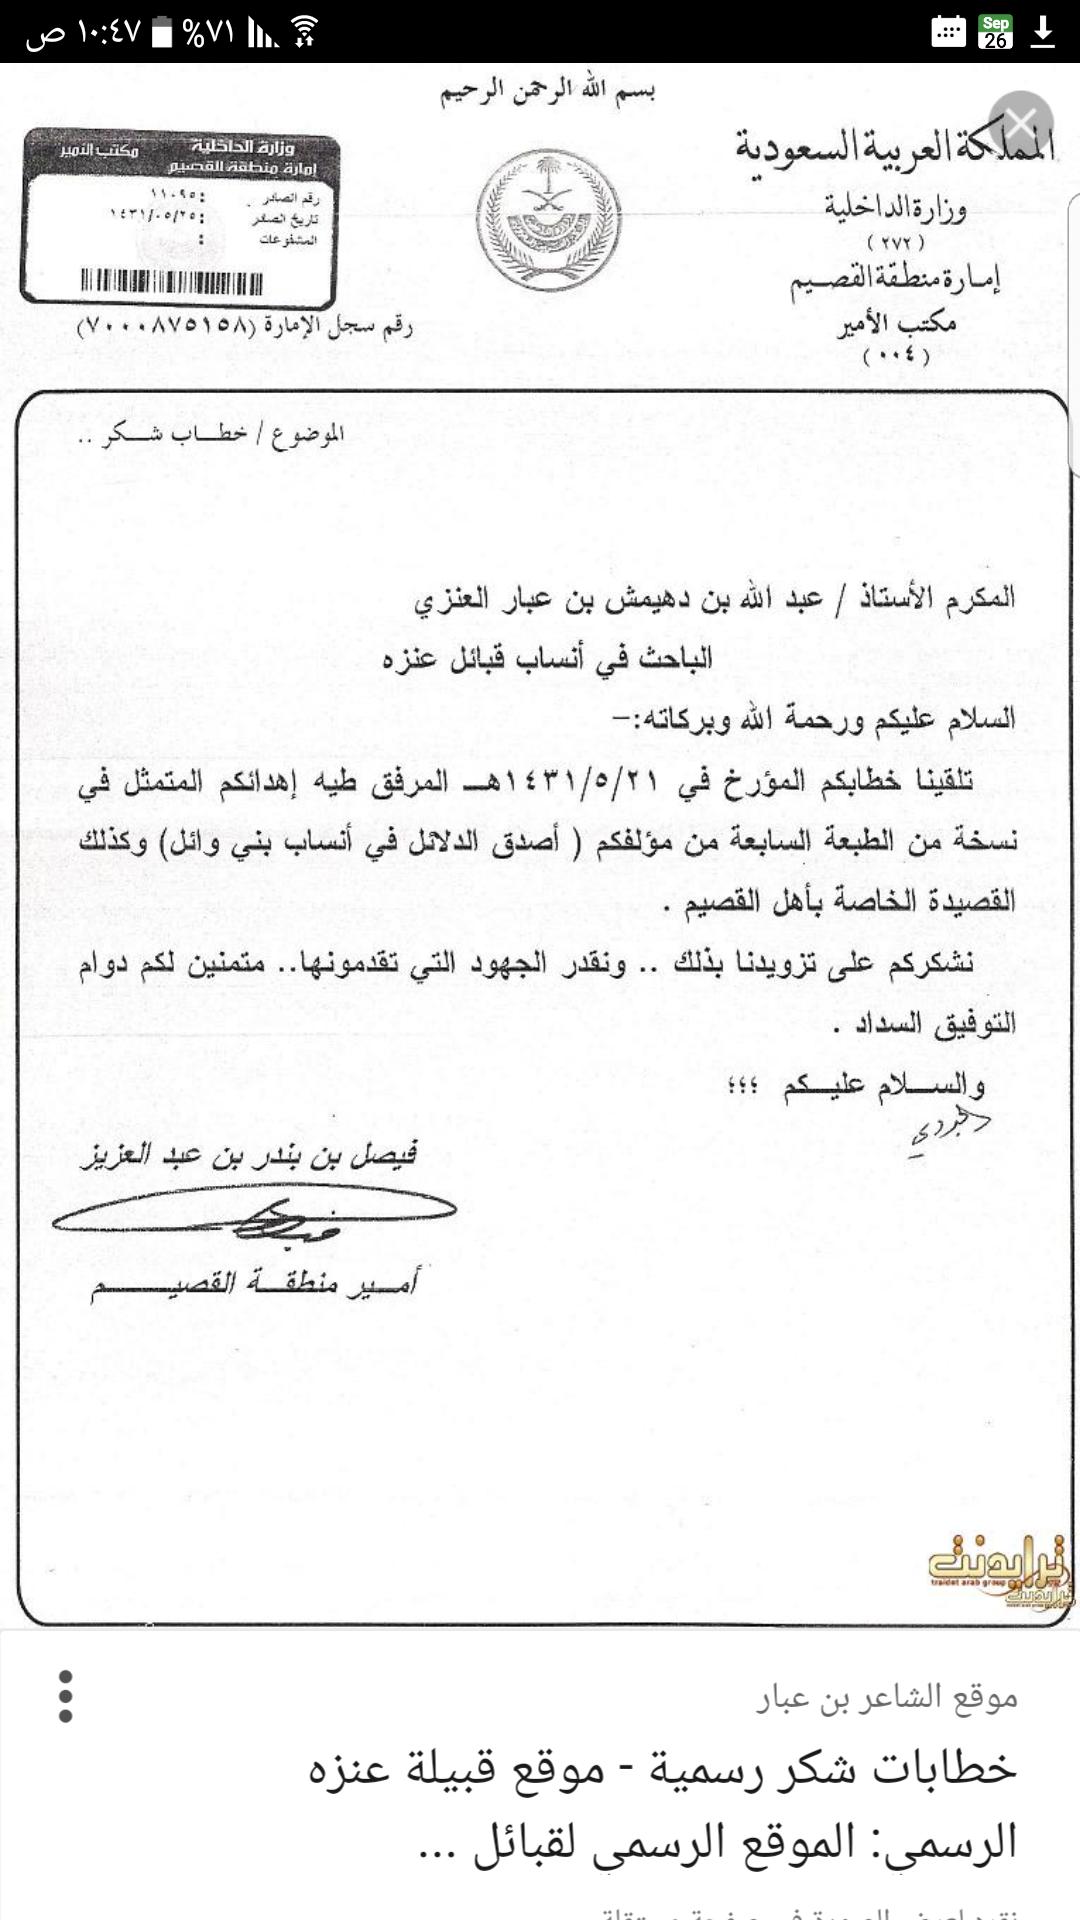 خطابات رسميه متنوعه باللغتين العربية والانجليزية مستقل